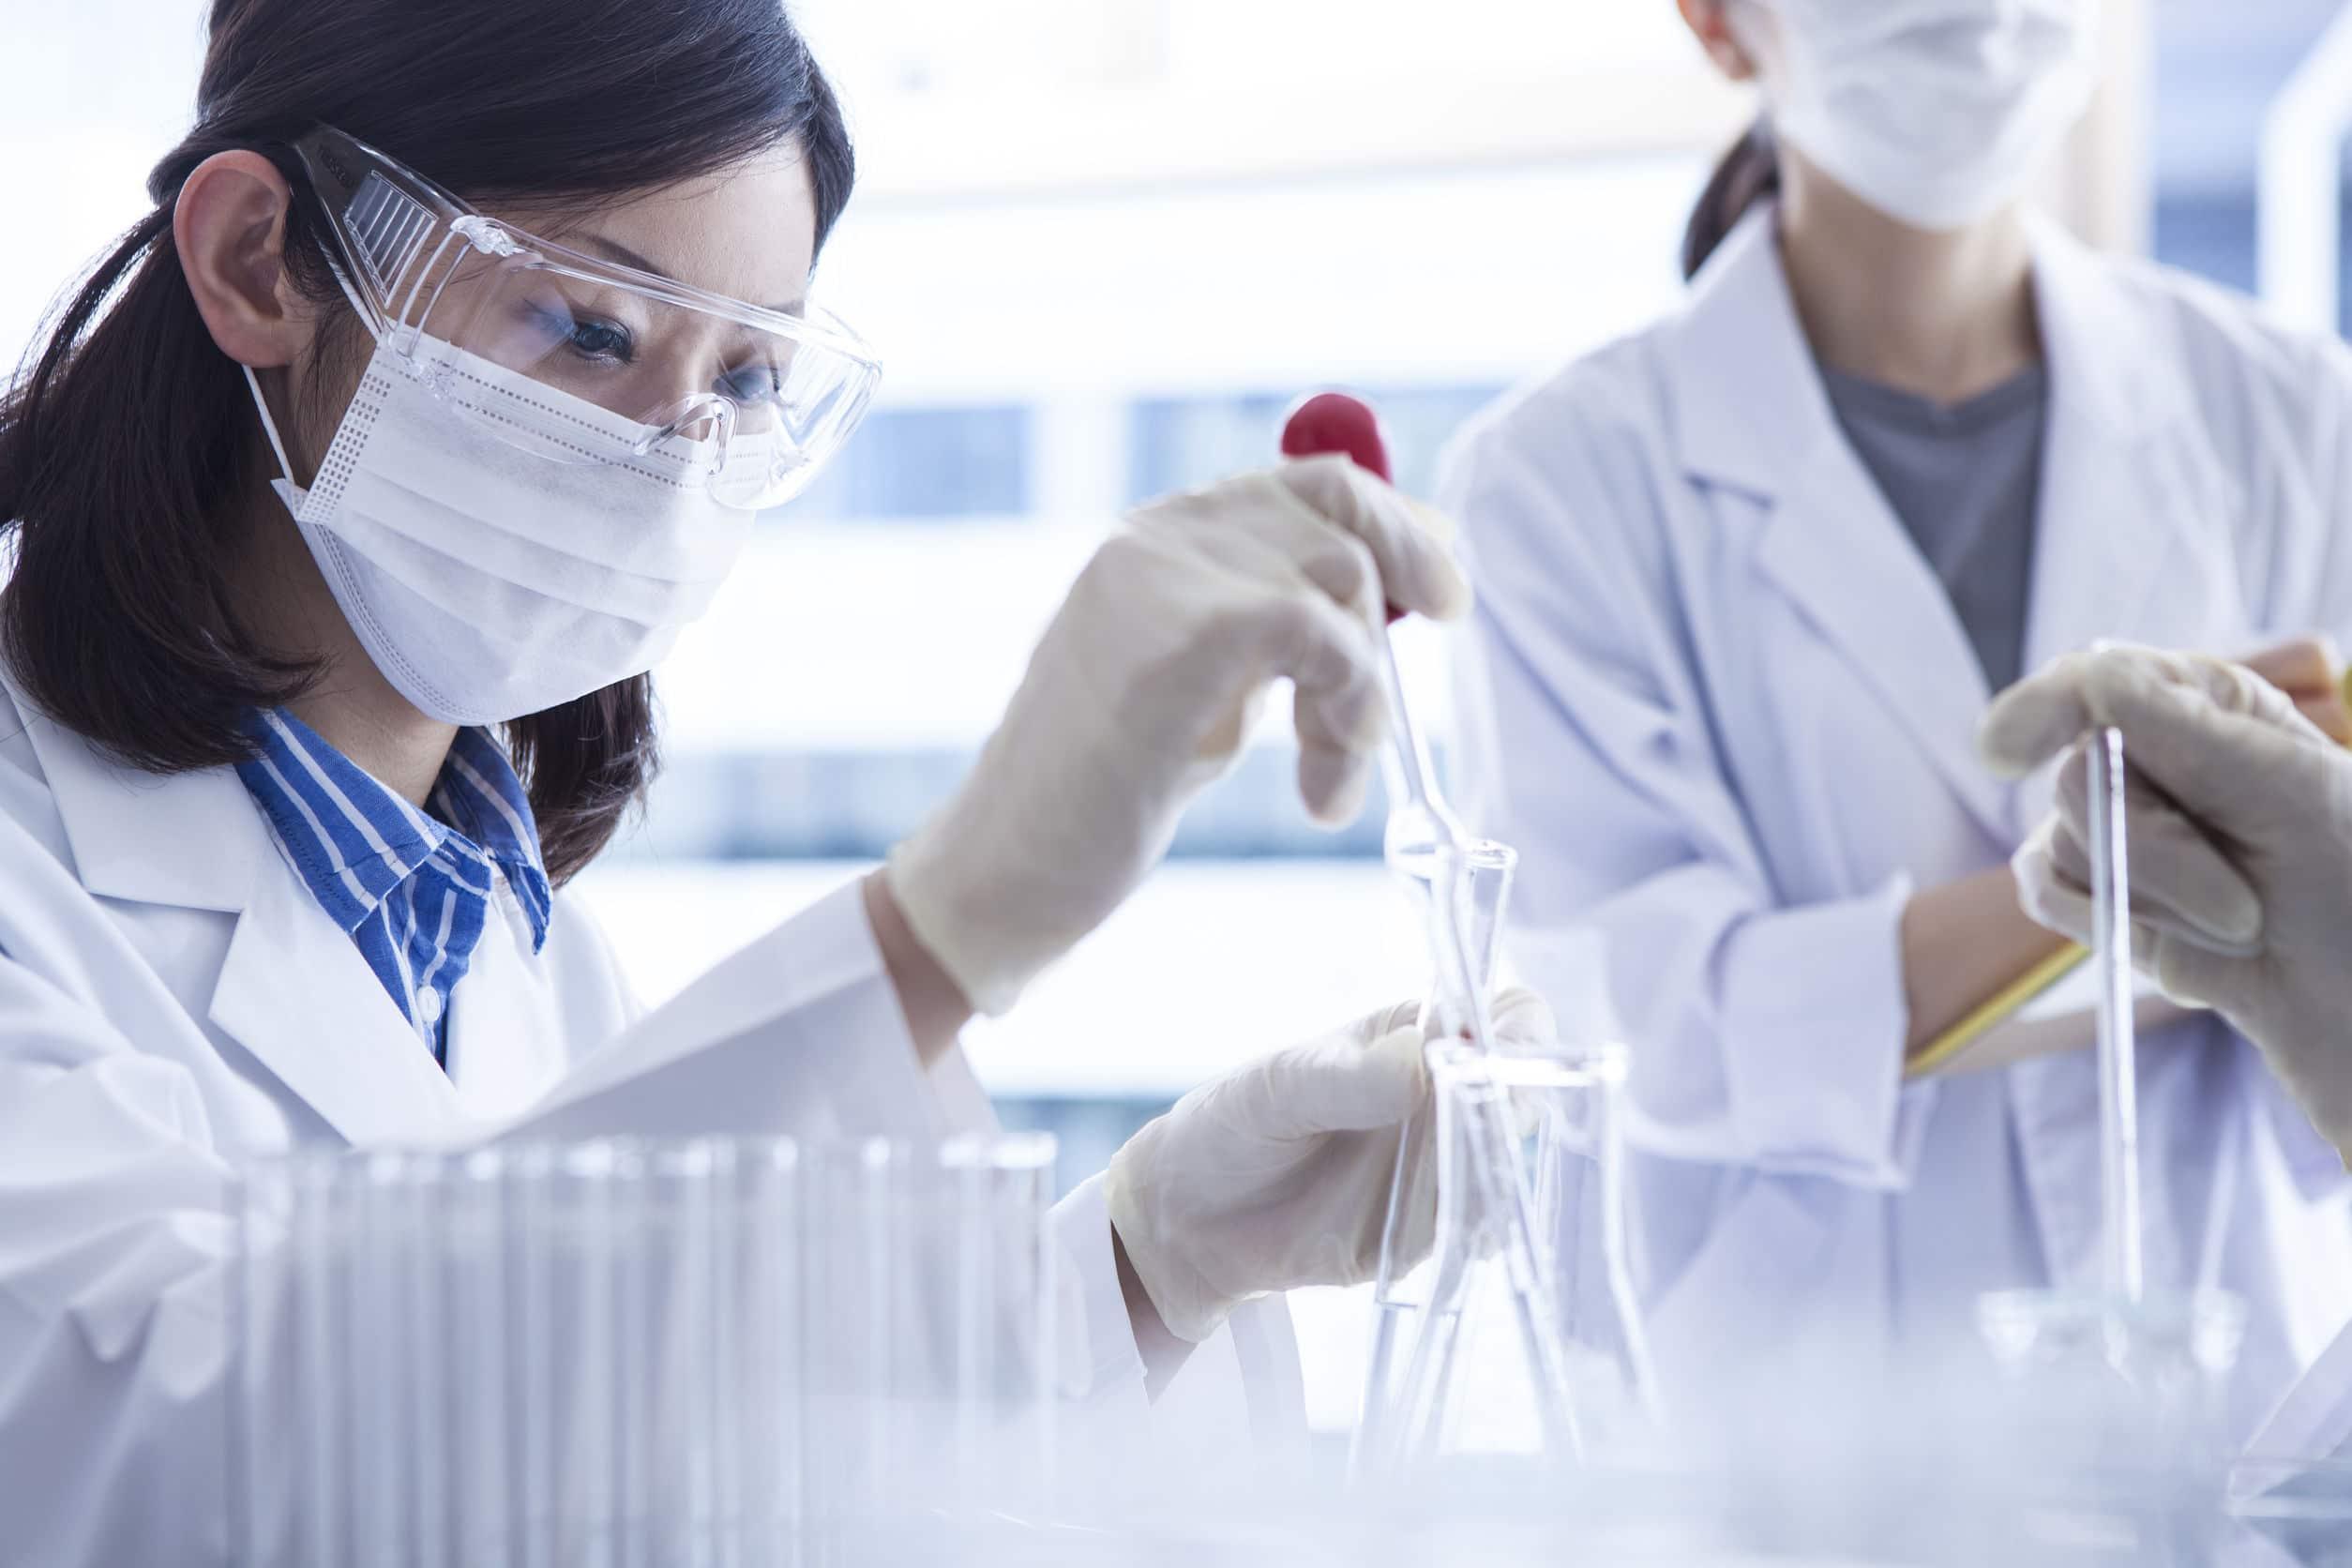 Dois cientistas trabalhando em laboratório. Todos usam branco.